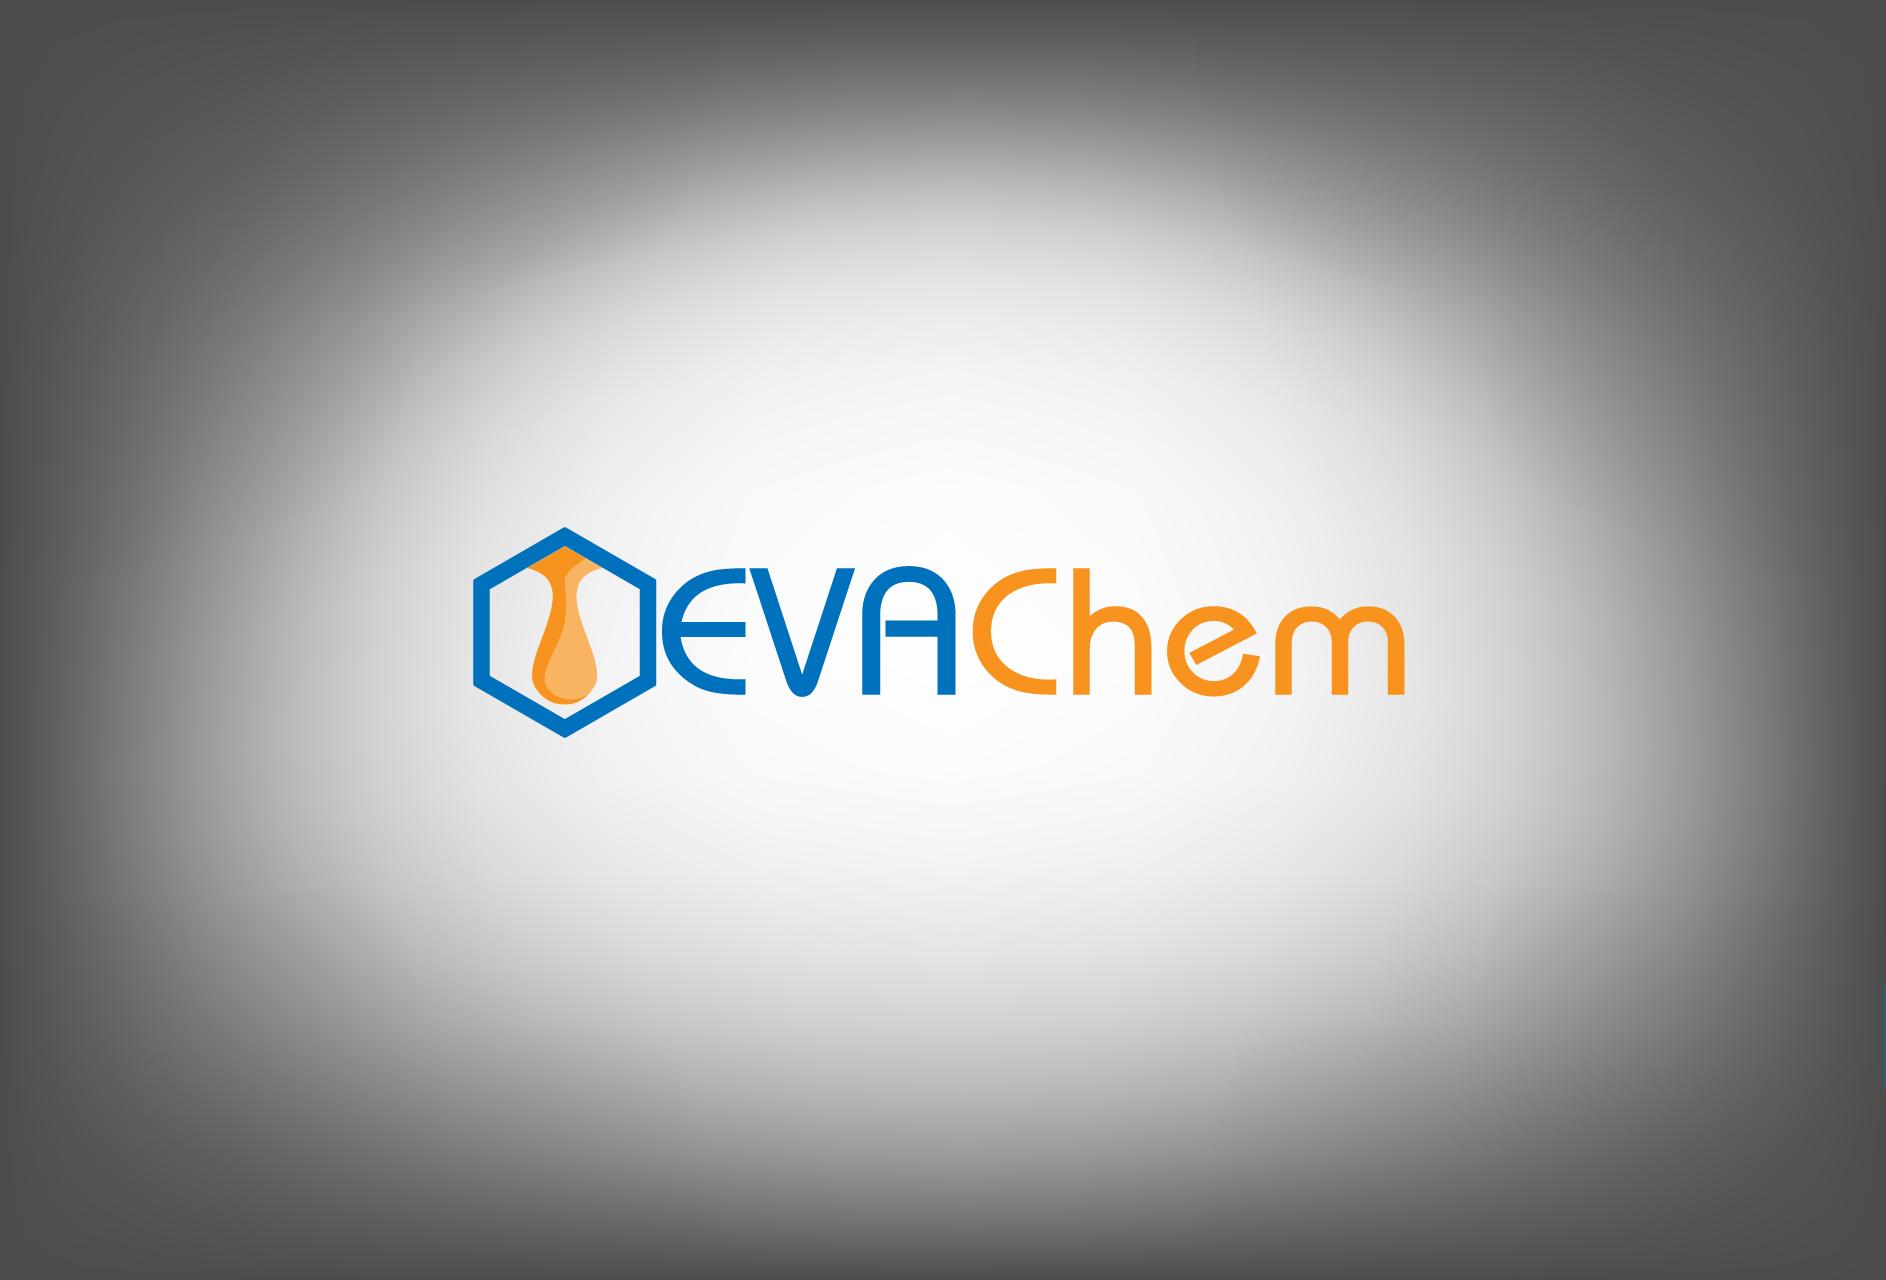 Разработка логотипа и фирменного стиля компании фото f_283572768c4beaf5.jpg